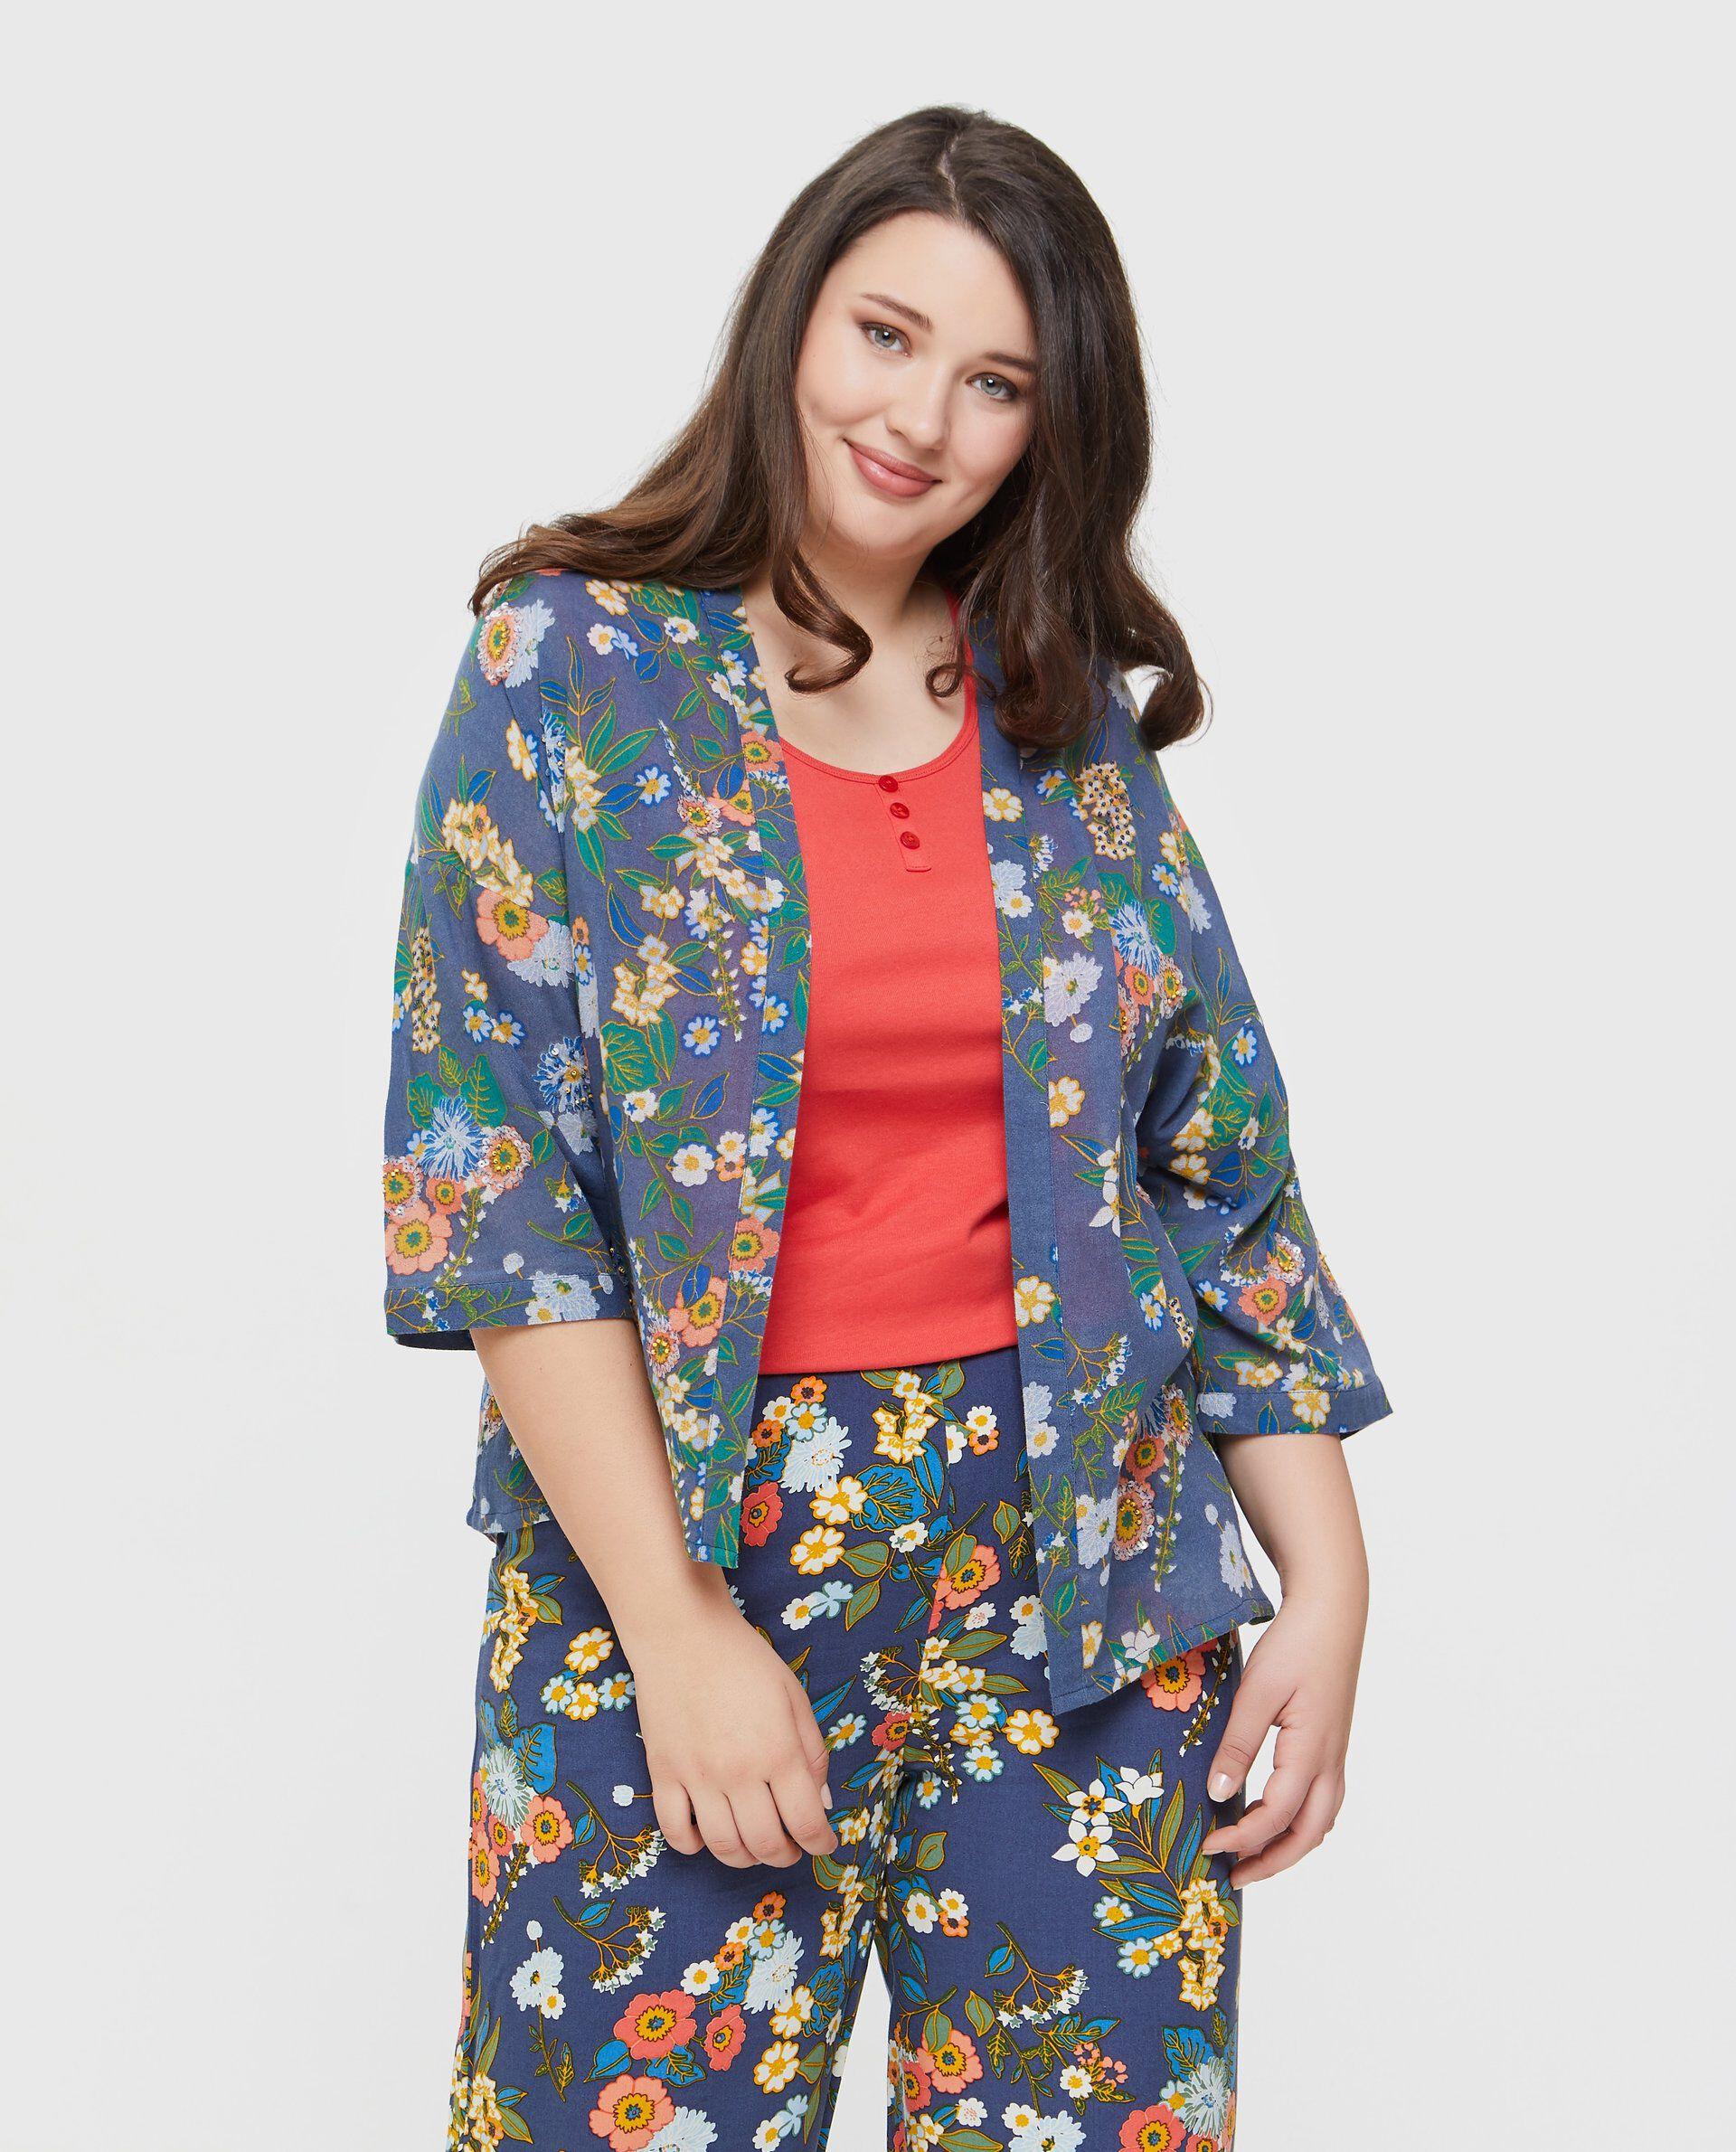 Kimono in puro cotone con fantasia floreale Curvy donna